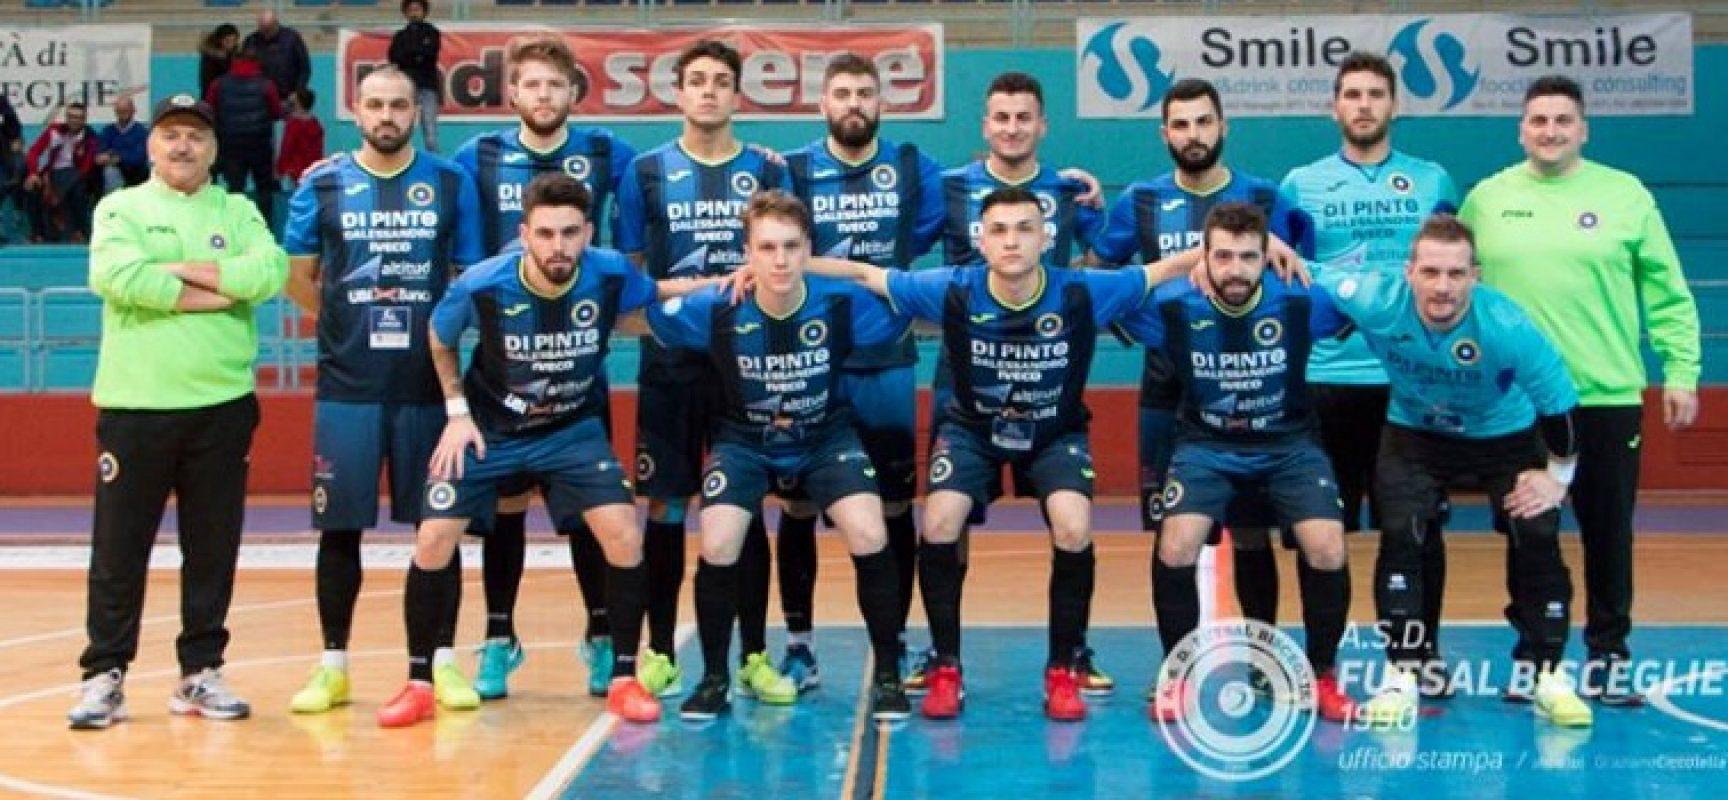 Futsal Bisceglie ancora in Sicilia, nuovo match con il Meta, questa volta in Coppa Italia